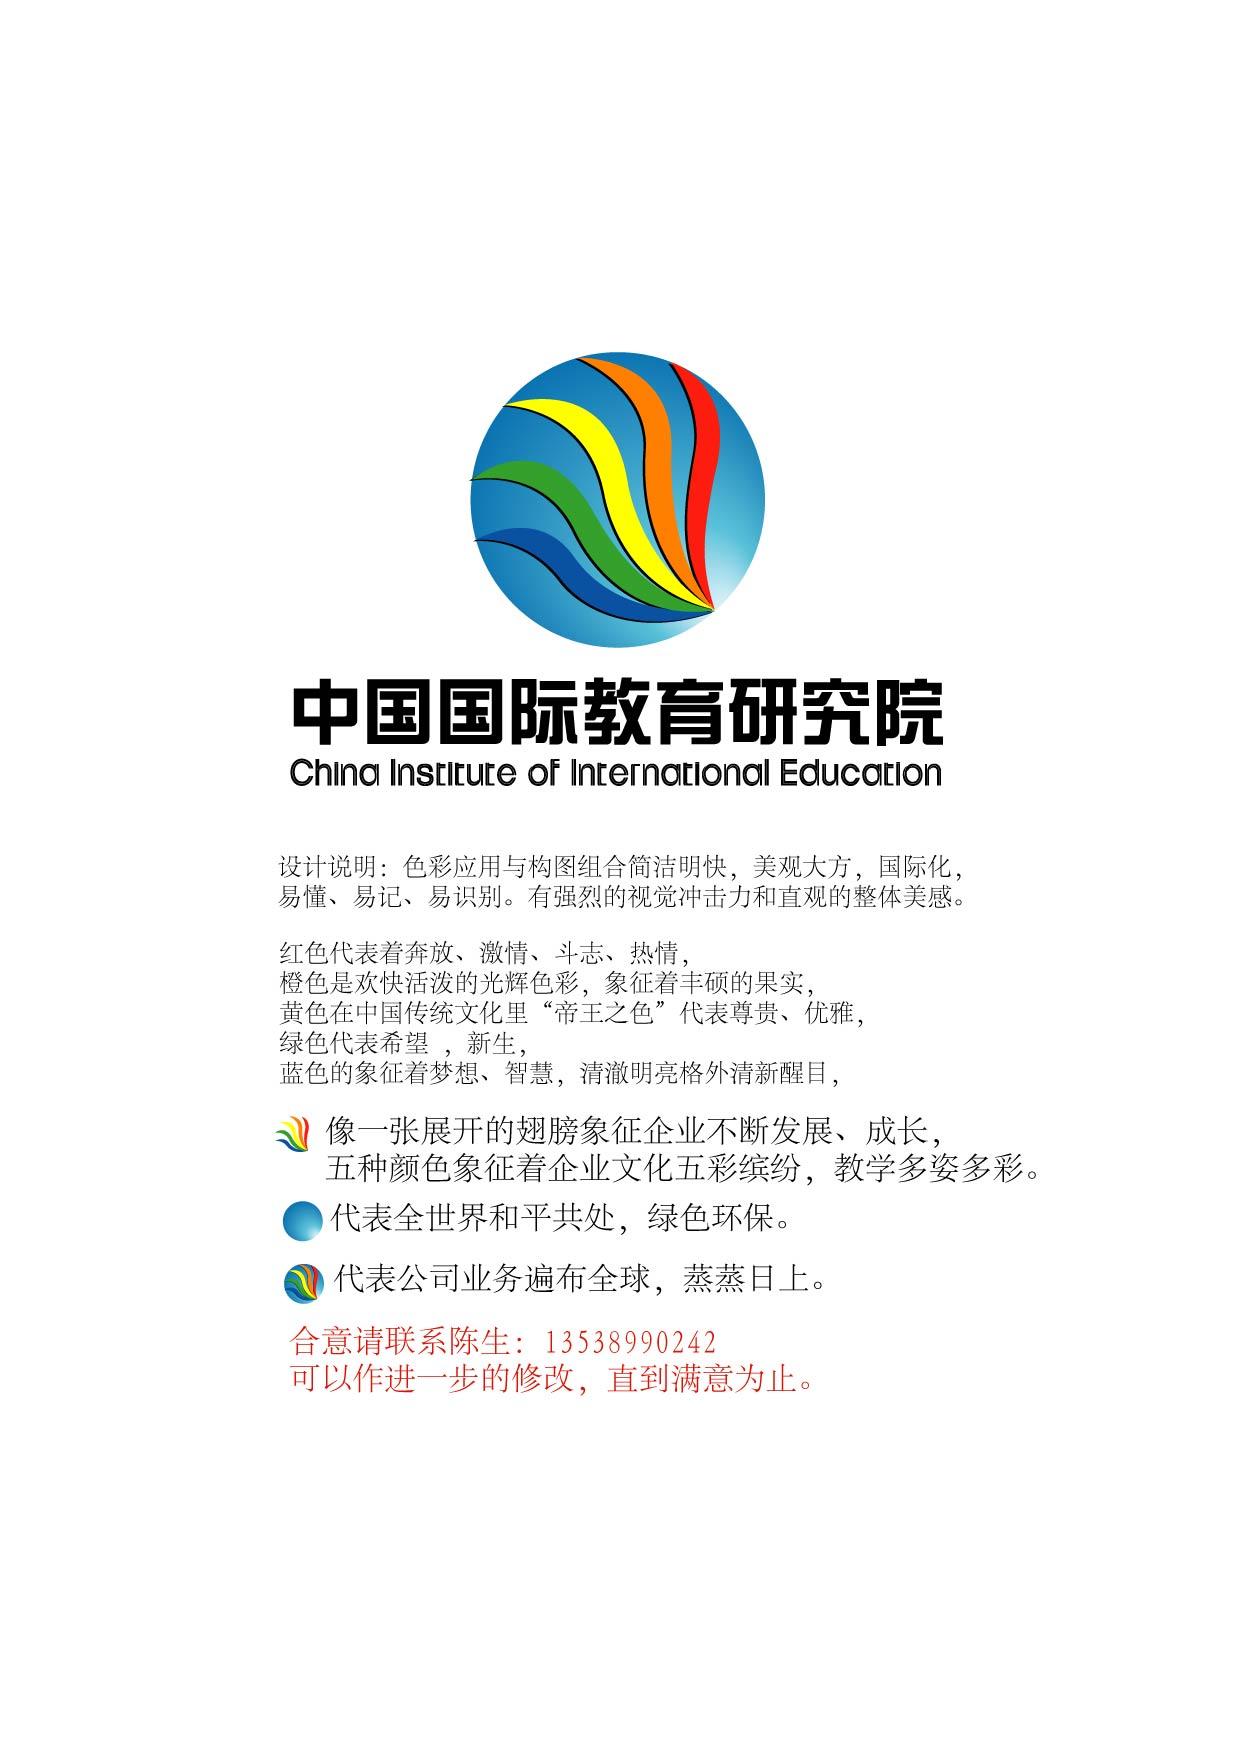 国际教育公司logo设计